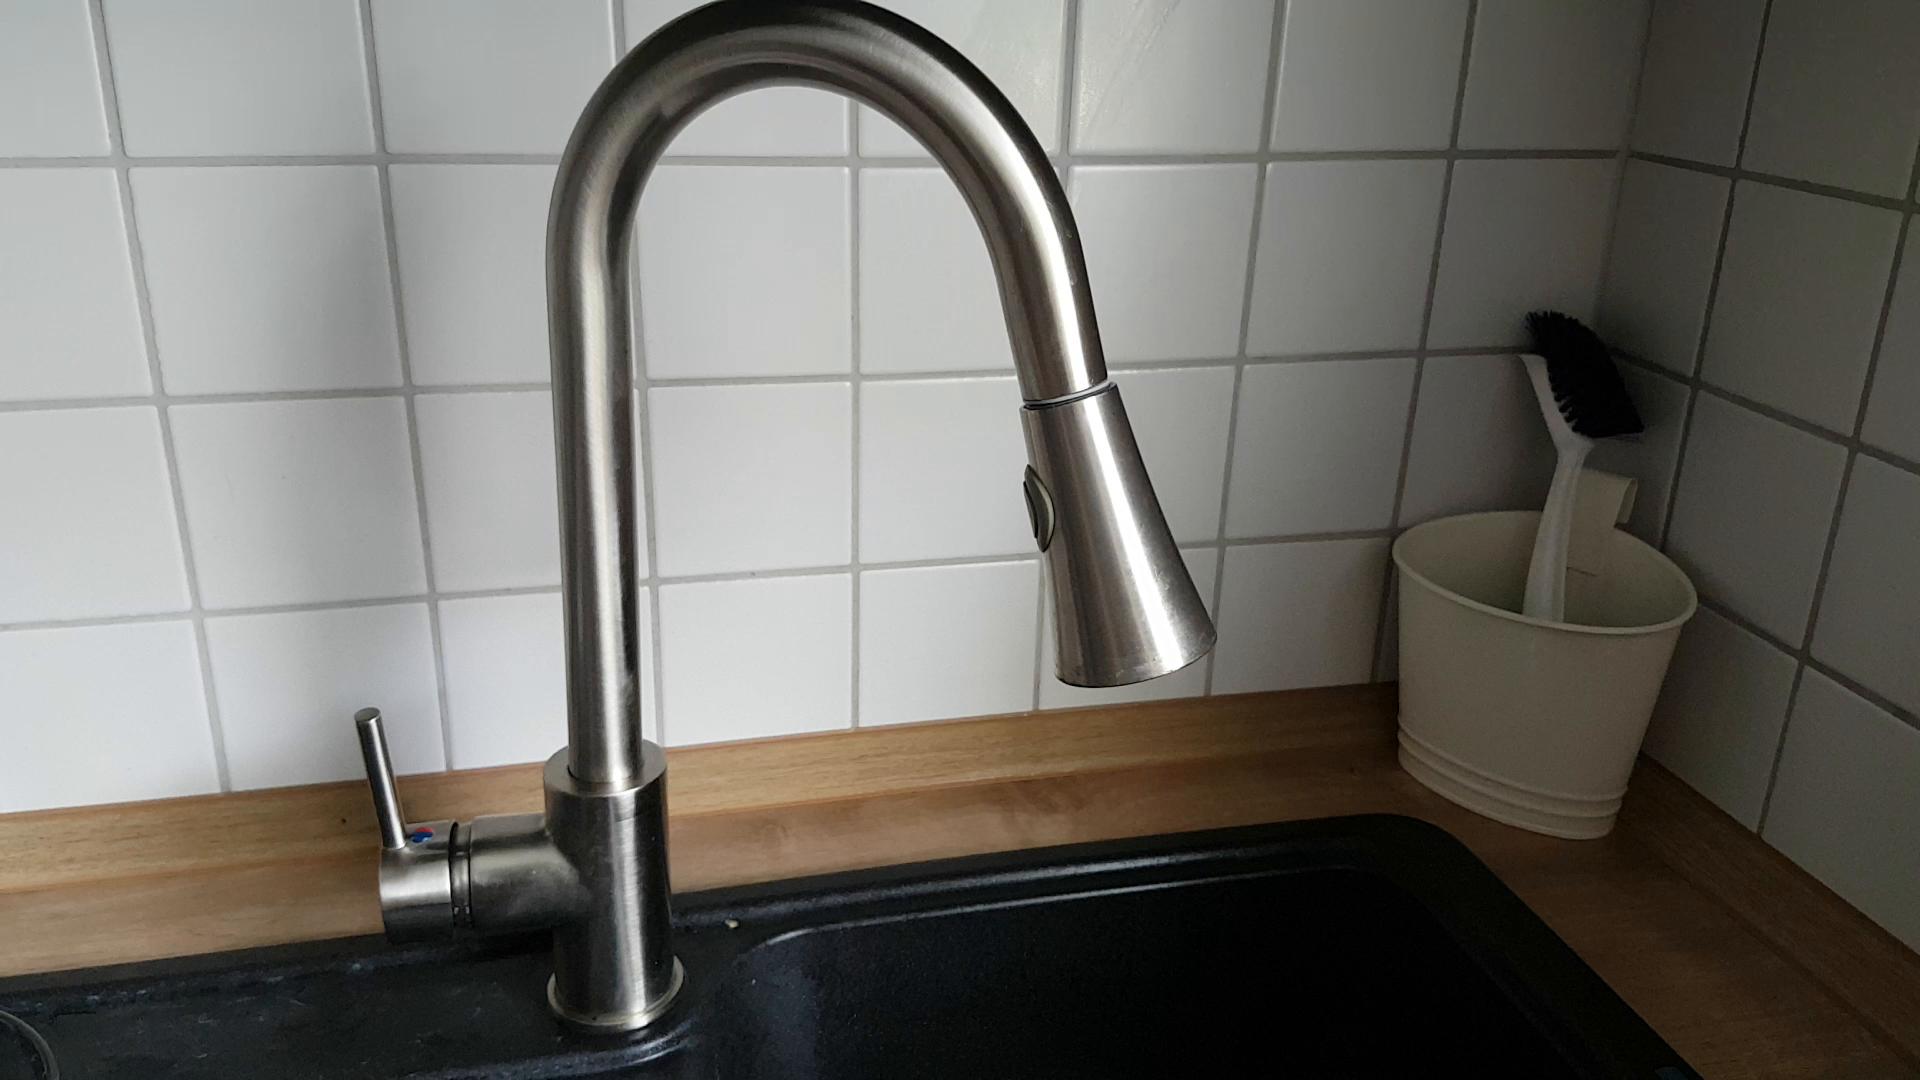 Auralum 2 Typ Wassertyp Elegant 360°Drehbar Ausziehbar Küchenamatur